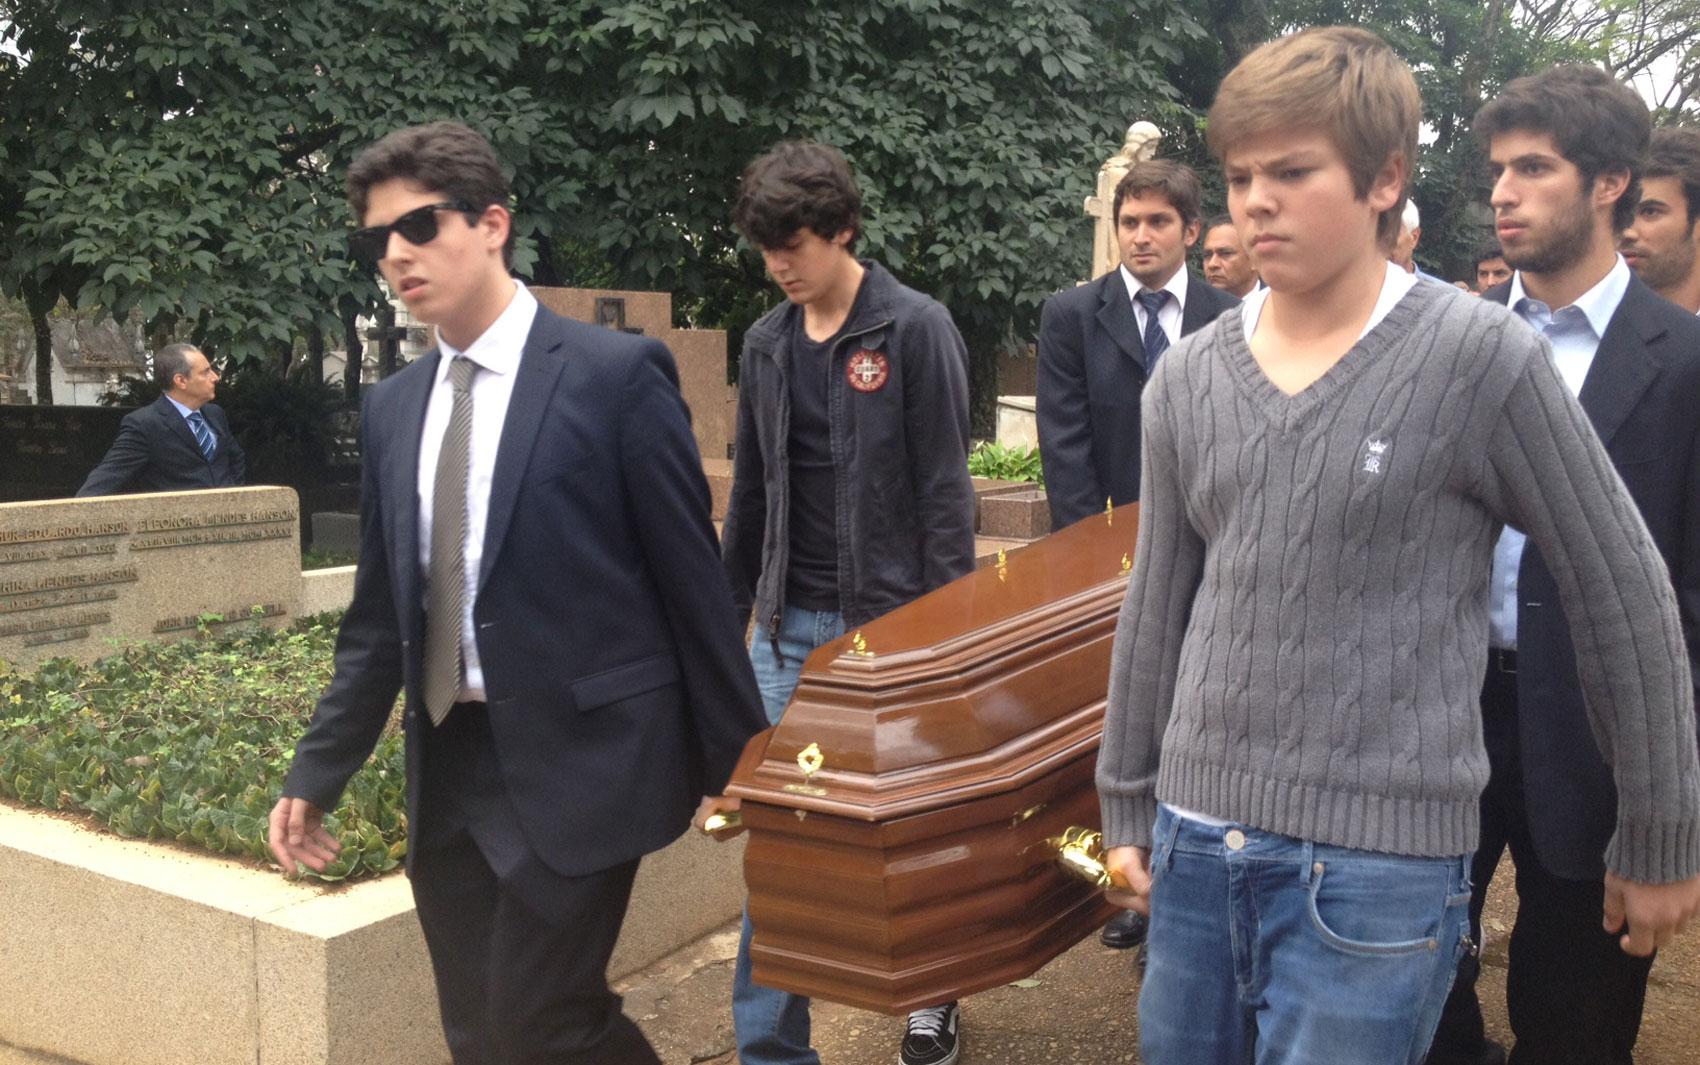 Familiares levam caixão com o corpo de Ruy Mesquita durante o enterro